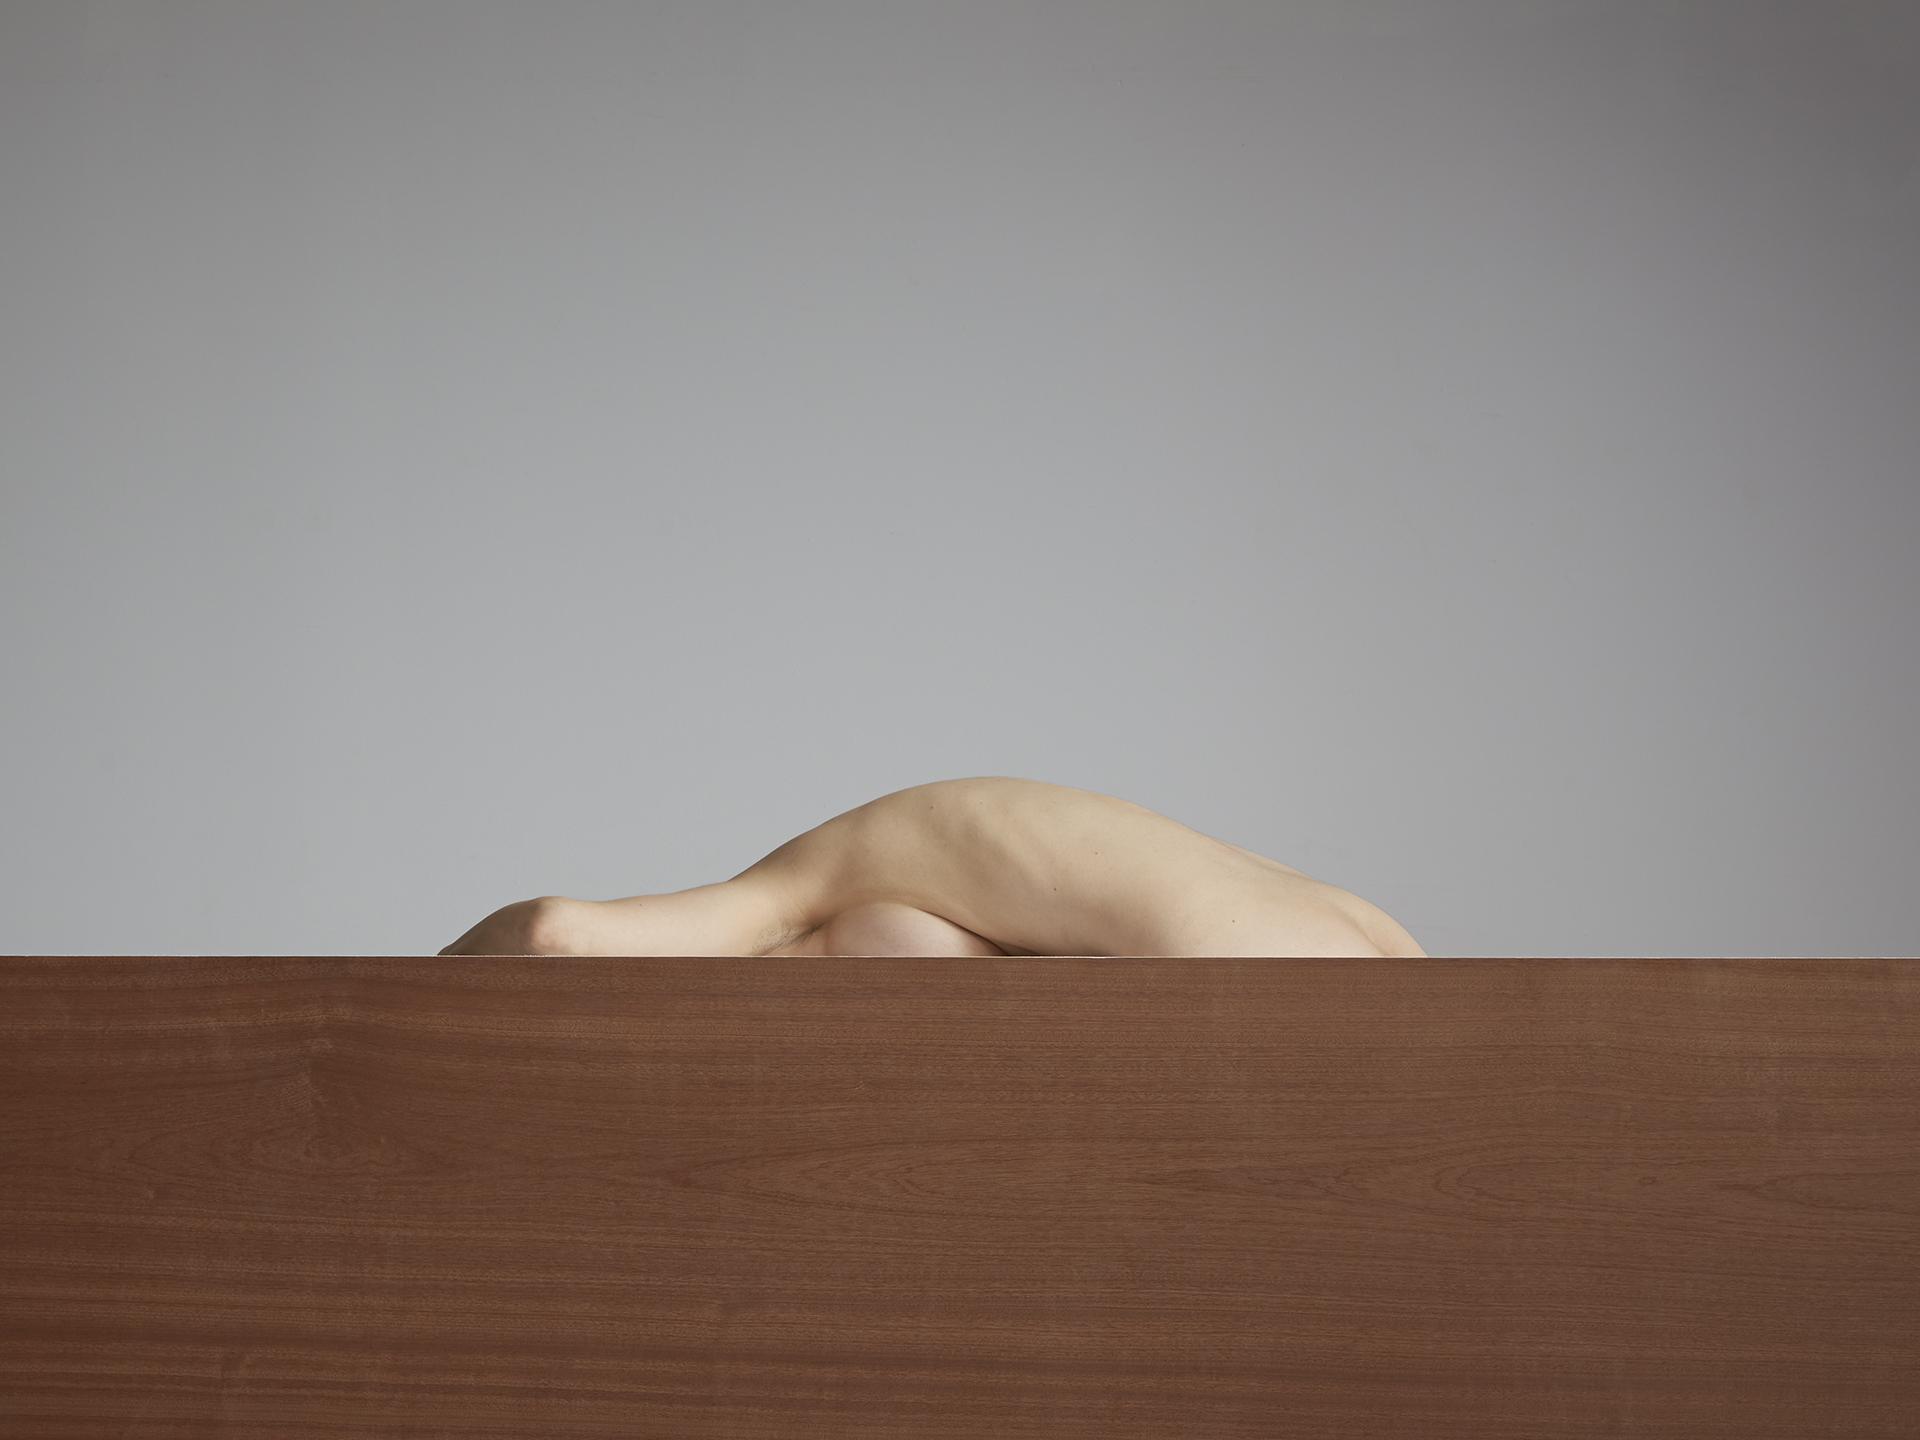 Segmented Body with Walnut  2014